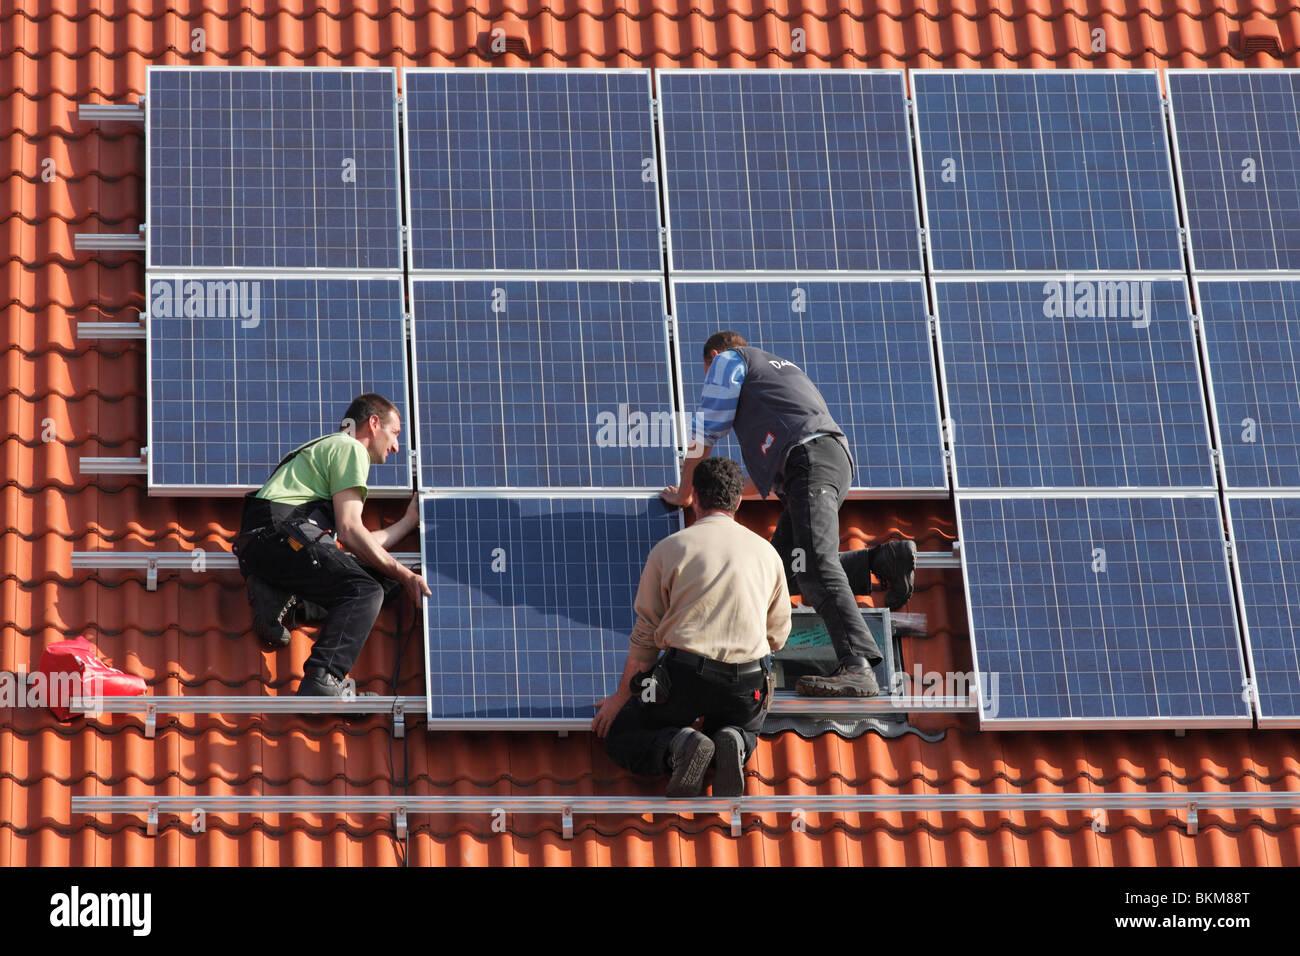 Los obreros la instalación de paneles solares en el techo Imagen De Stock